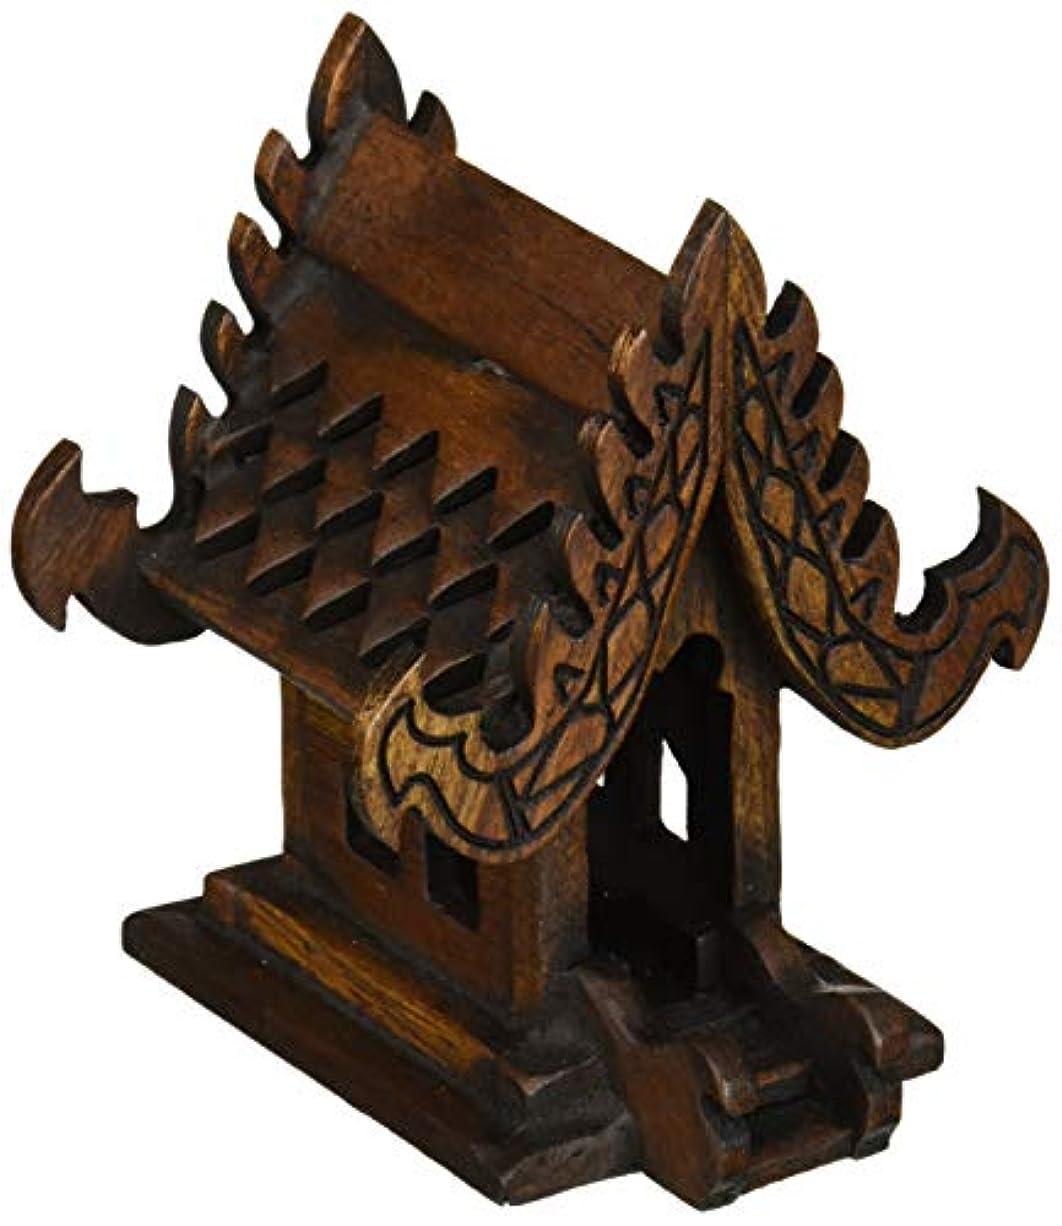 年齢鉄道サーキットに行くデザインunseenthailandタイ仏教でハンドメイドチーク材木製Spirit家。 W4